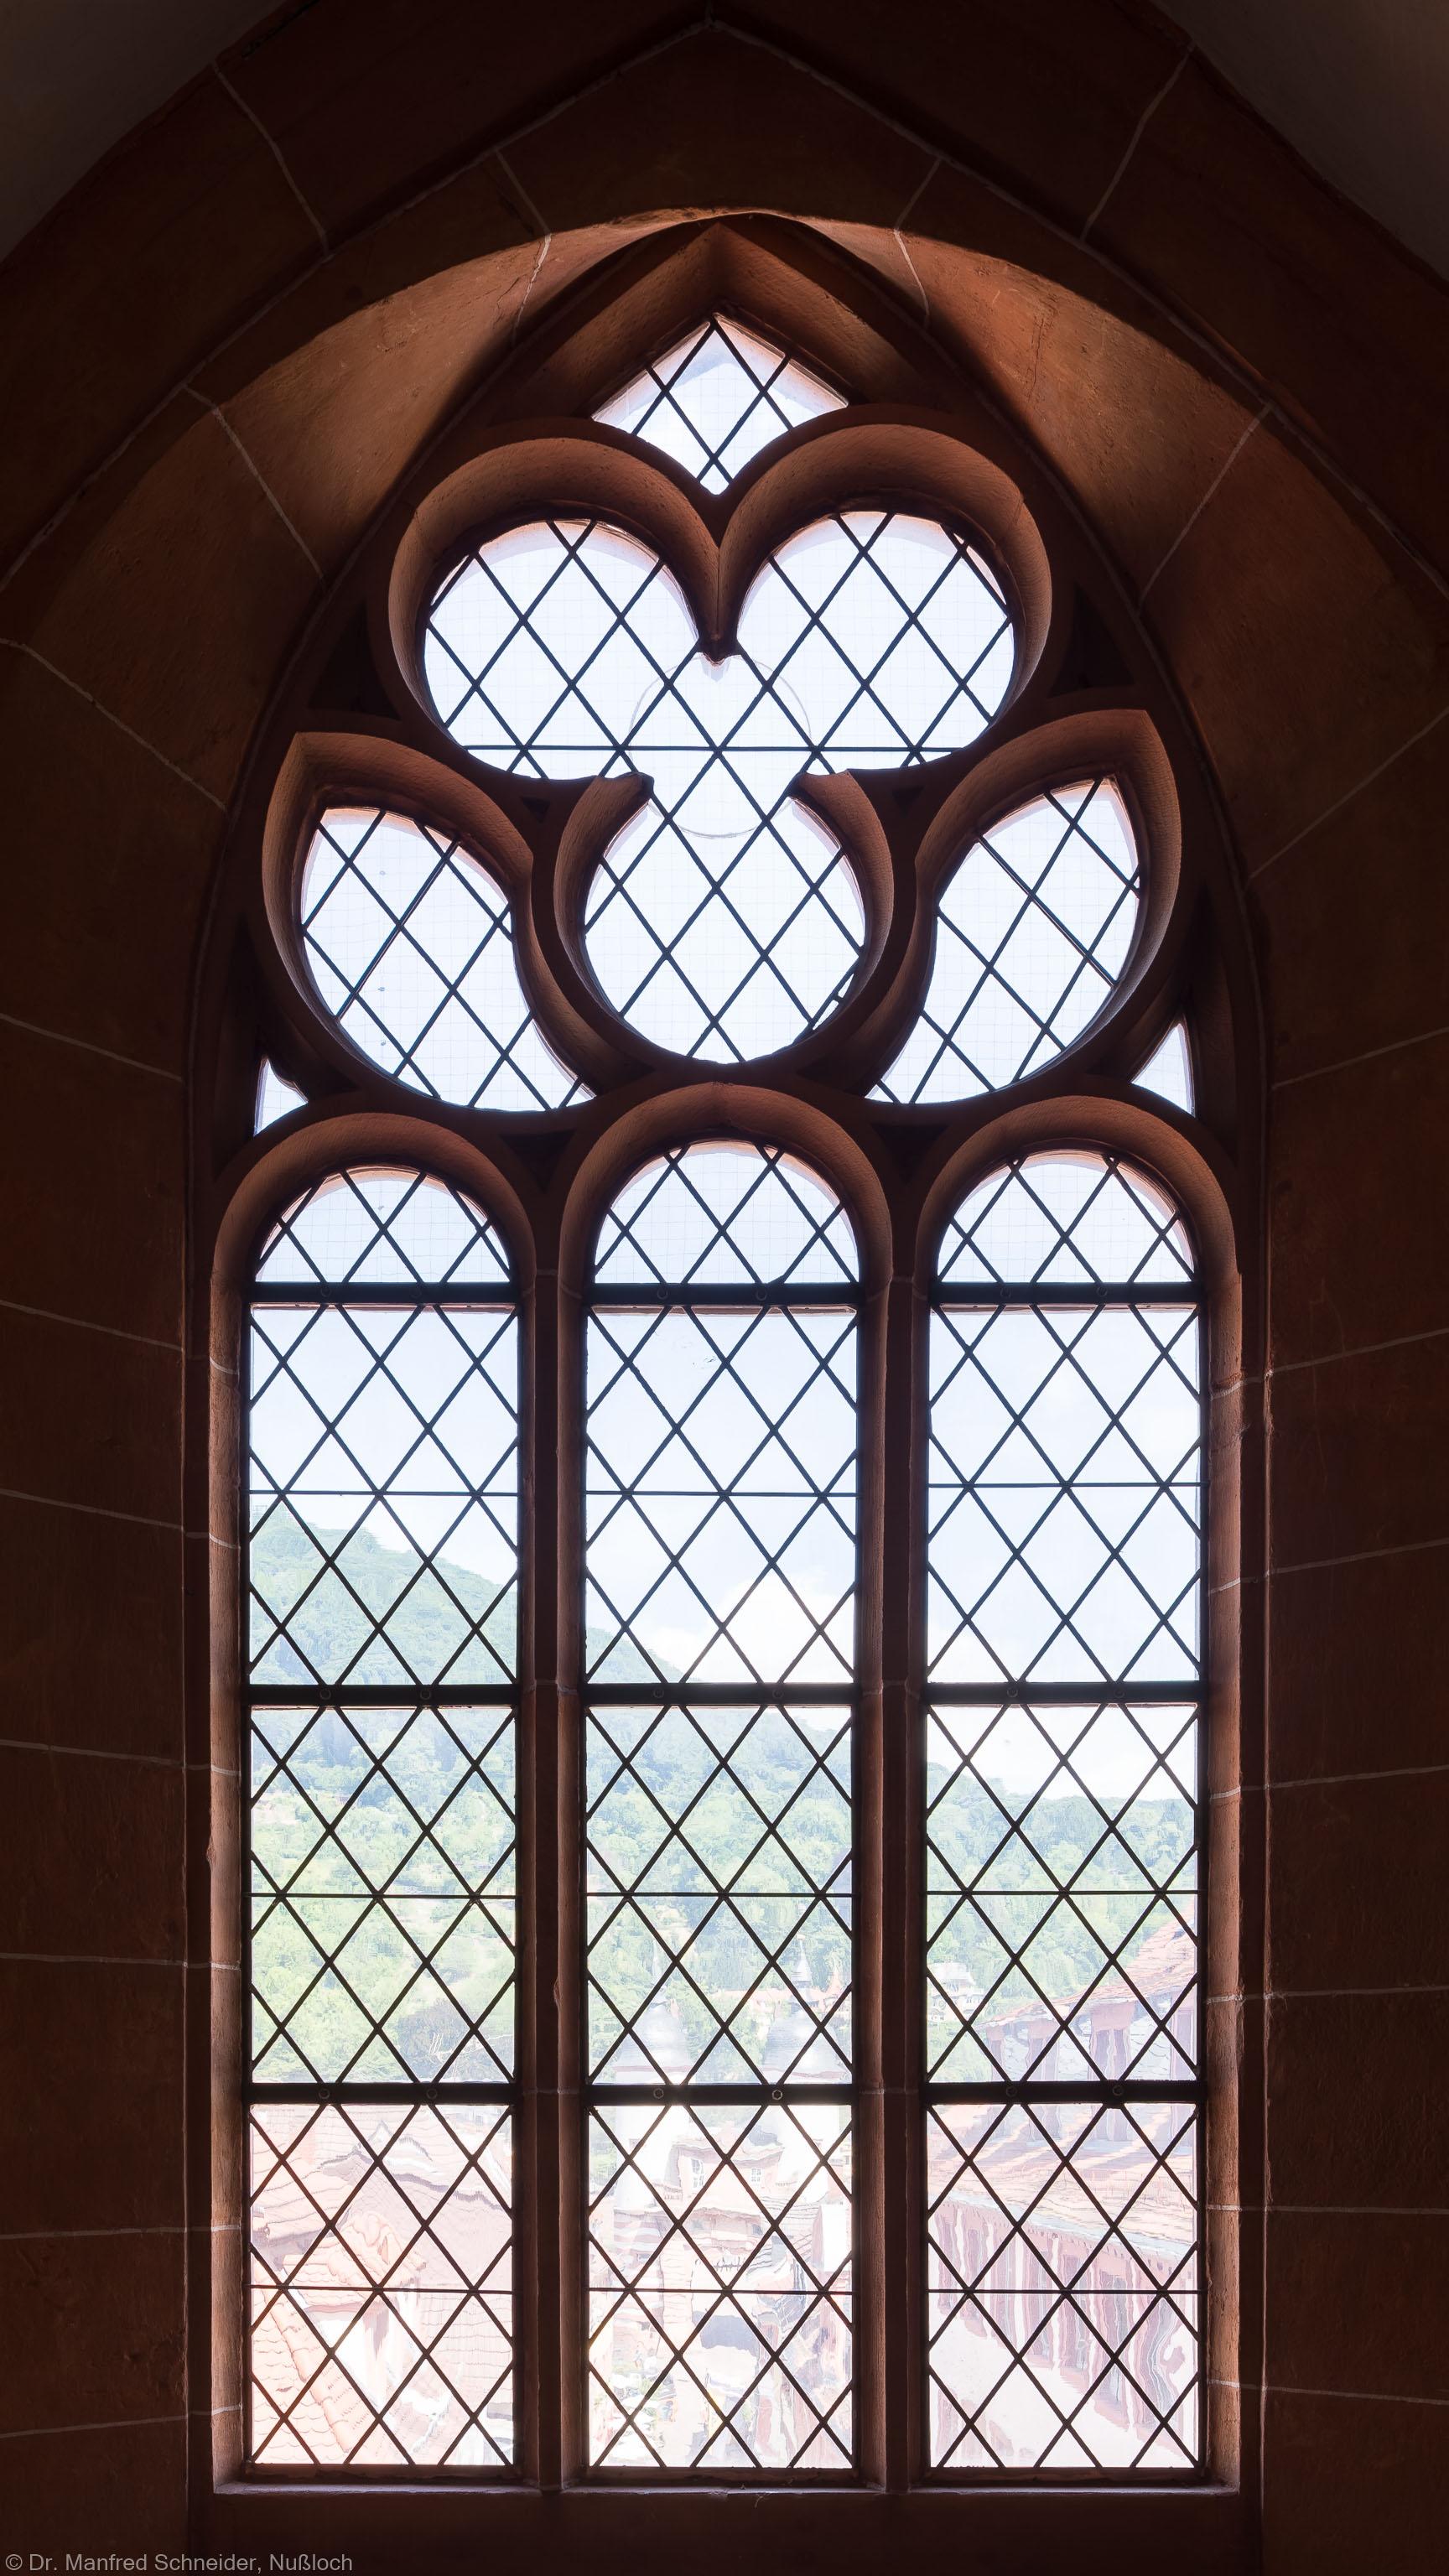 Heidelberg - Heiliggeistkirche - Nordempore - 5. Joch, von Westen aus gezählt - Fenster und Maßwerk (aufgenommen im Juli 2015, um die Mittagszeit)